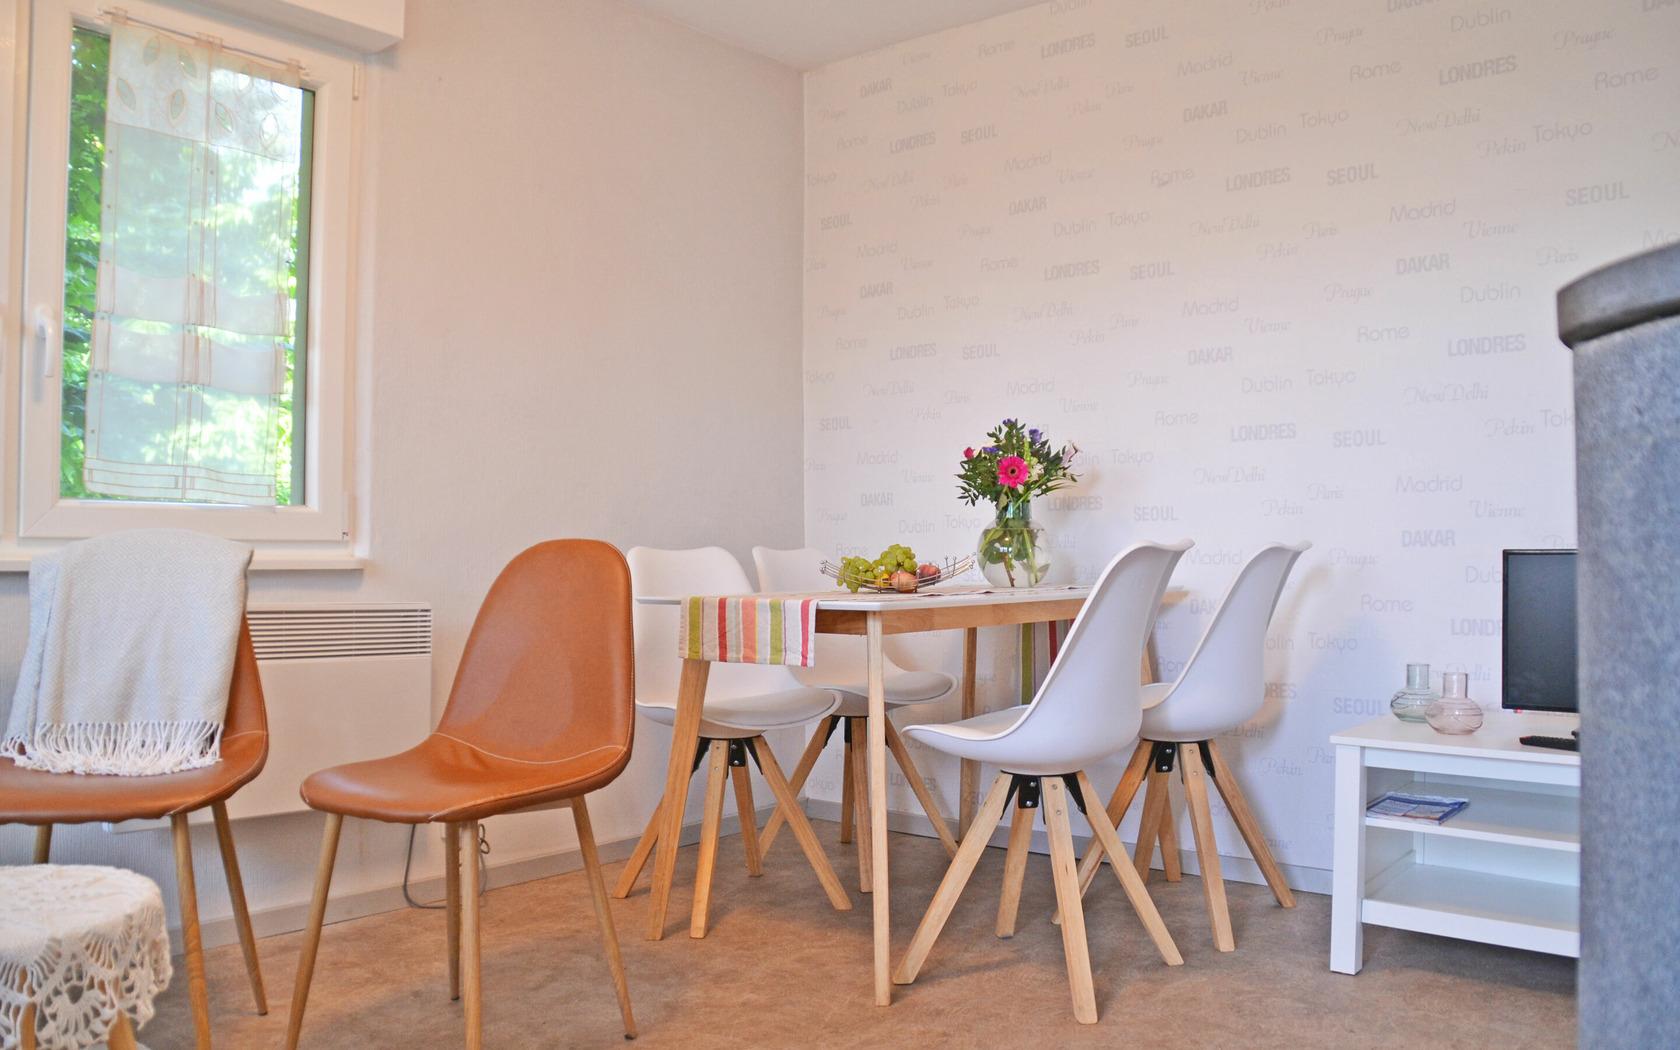 Ferienhaus Gartenidyll Essbereich, Foto: MuT Guben